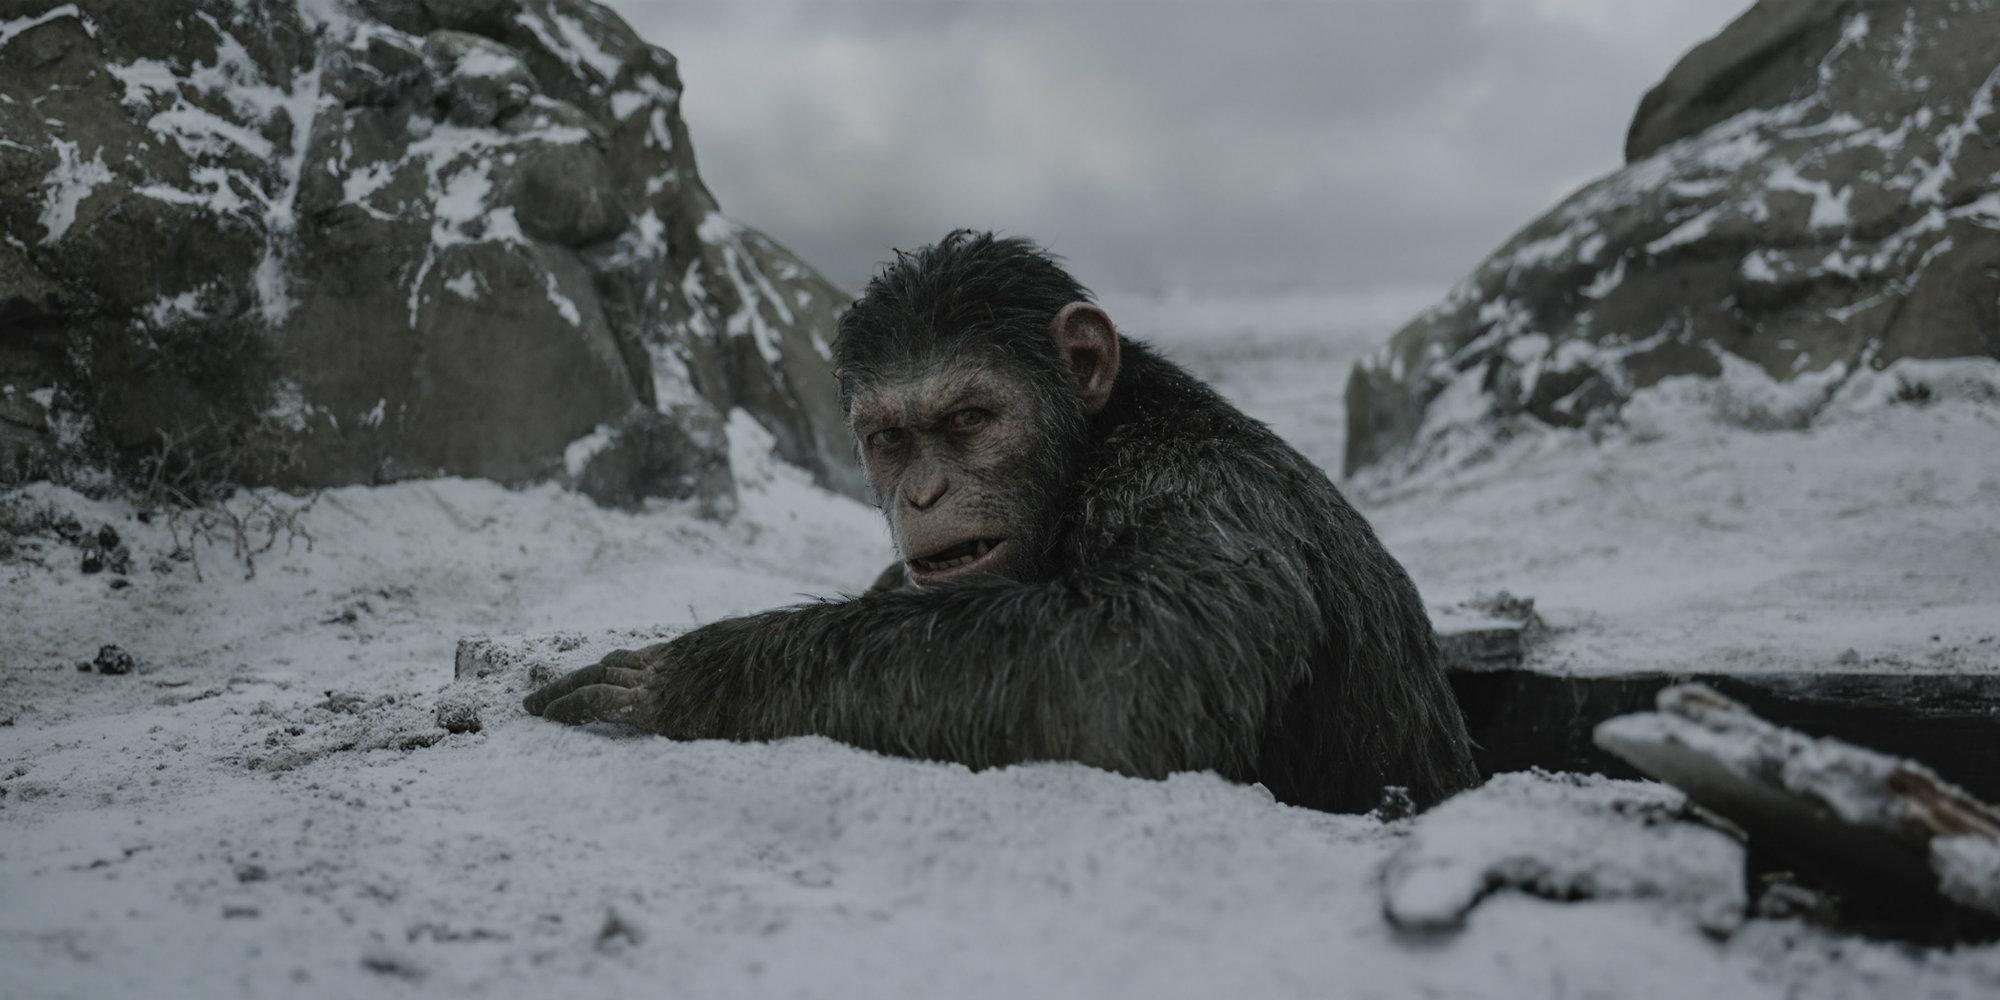 Война за планету обезьян (Планета обезьян: Война / War for the Planet of the Apes)